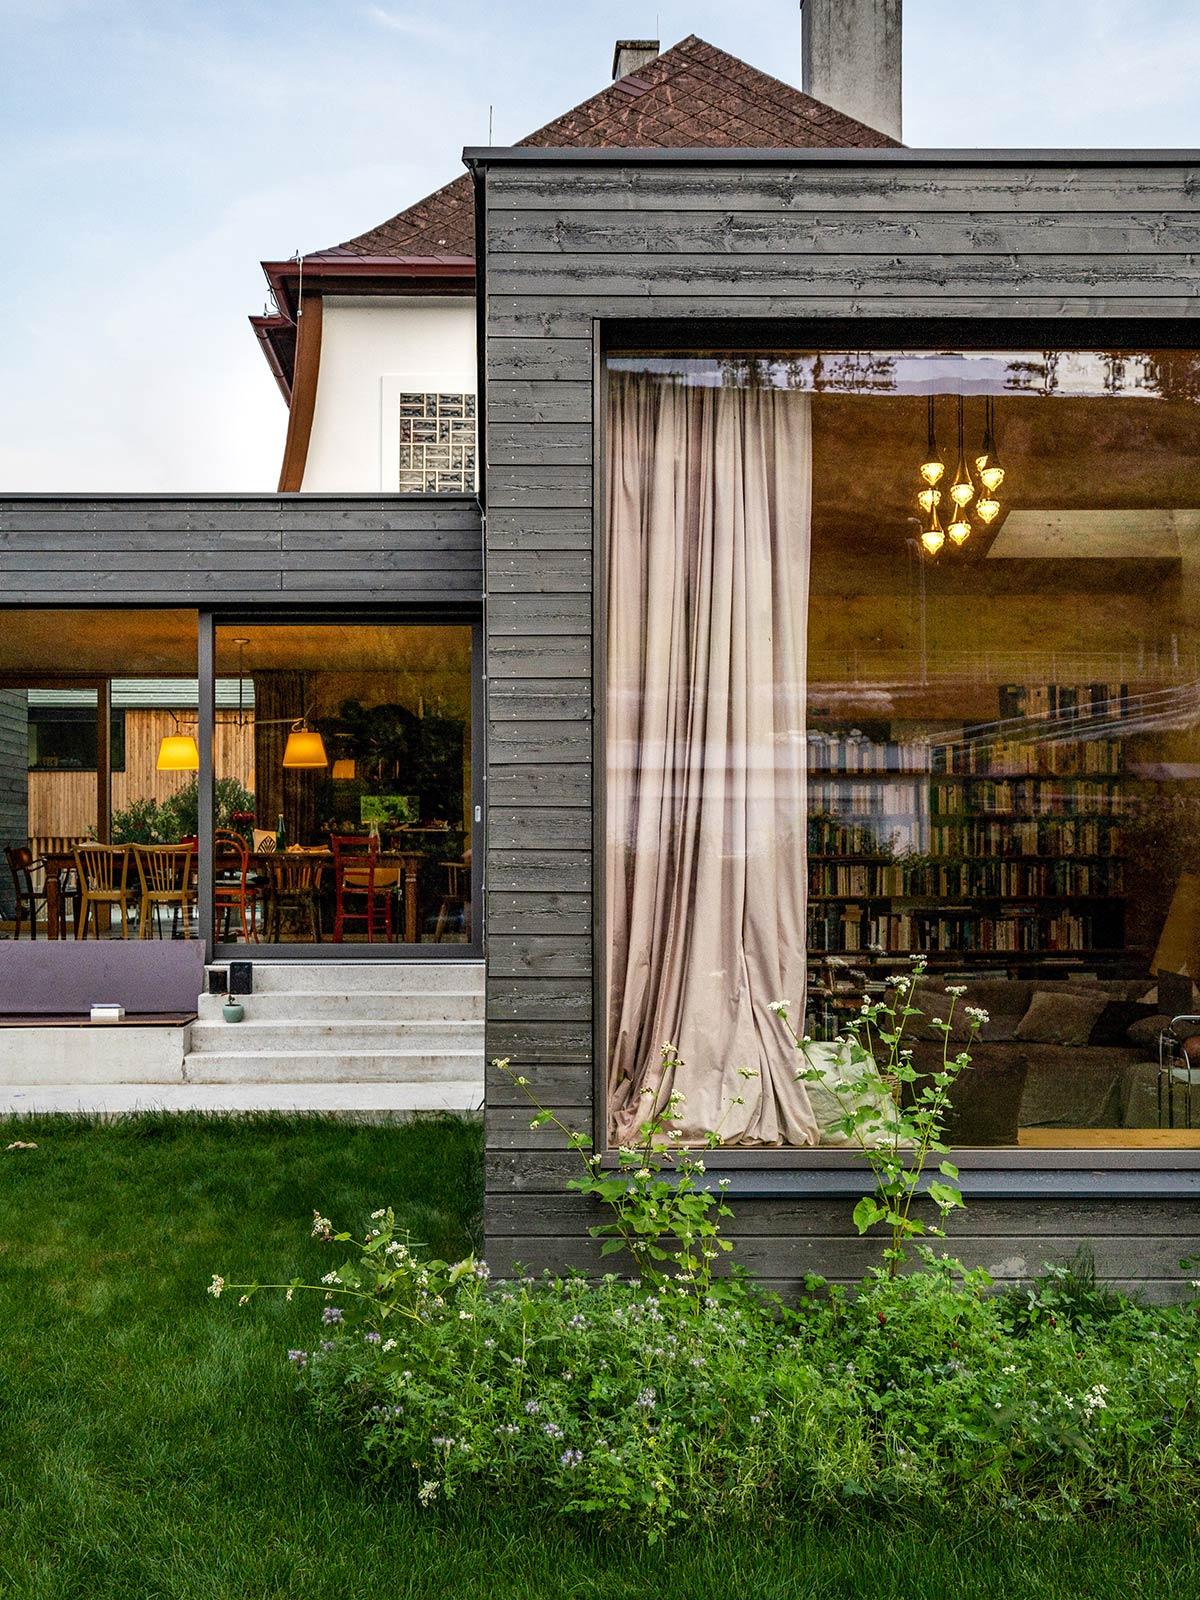 Fotos: startvoll Architekten ZT KG